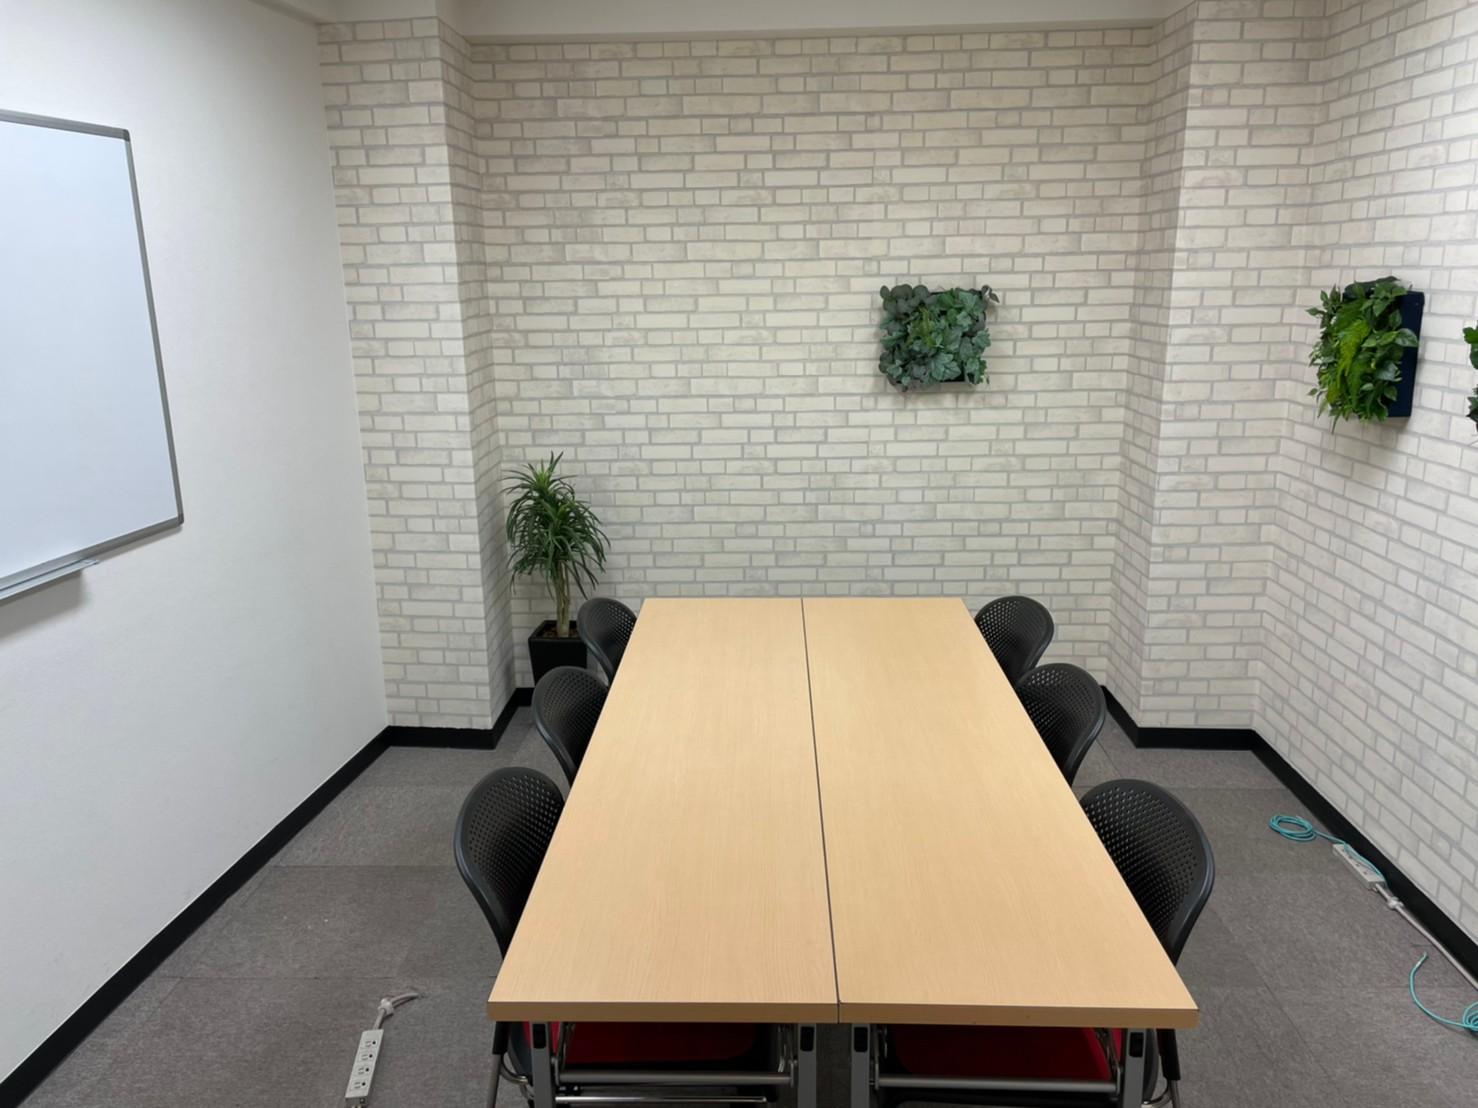 オフィスパーク 赤坂コークス 赤坂コークス301号室の室内の写真